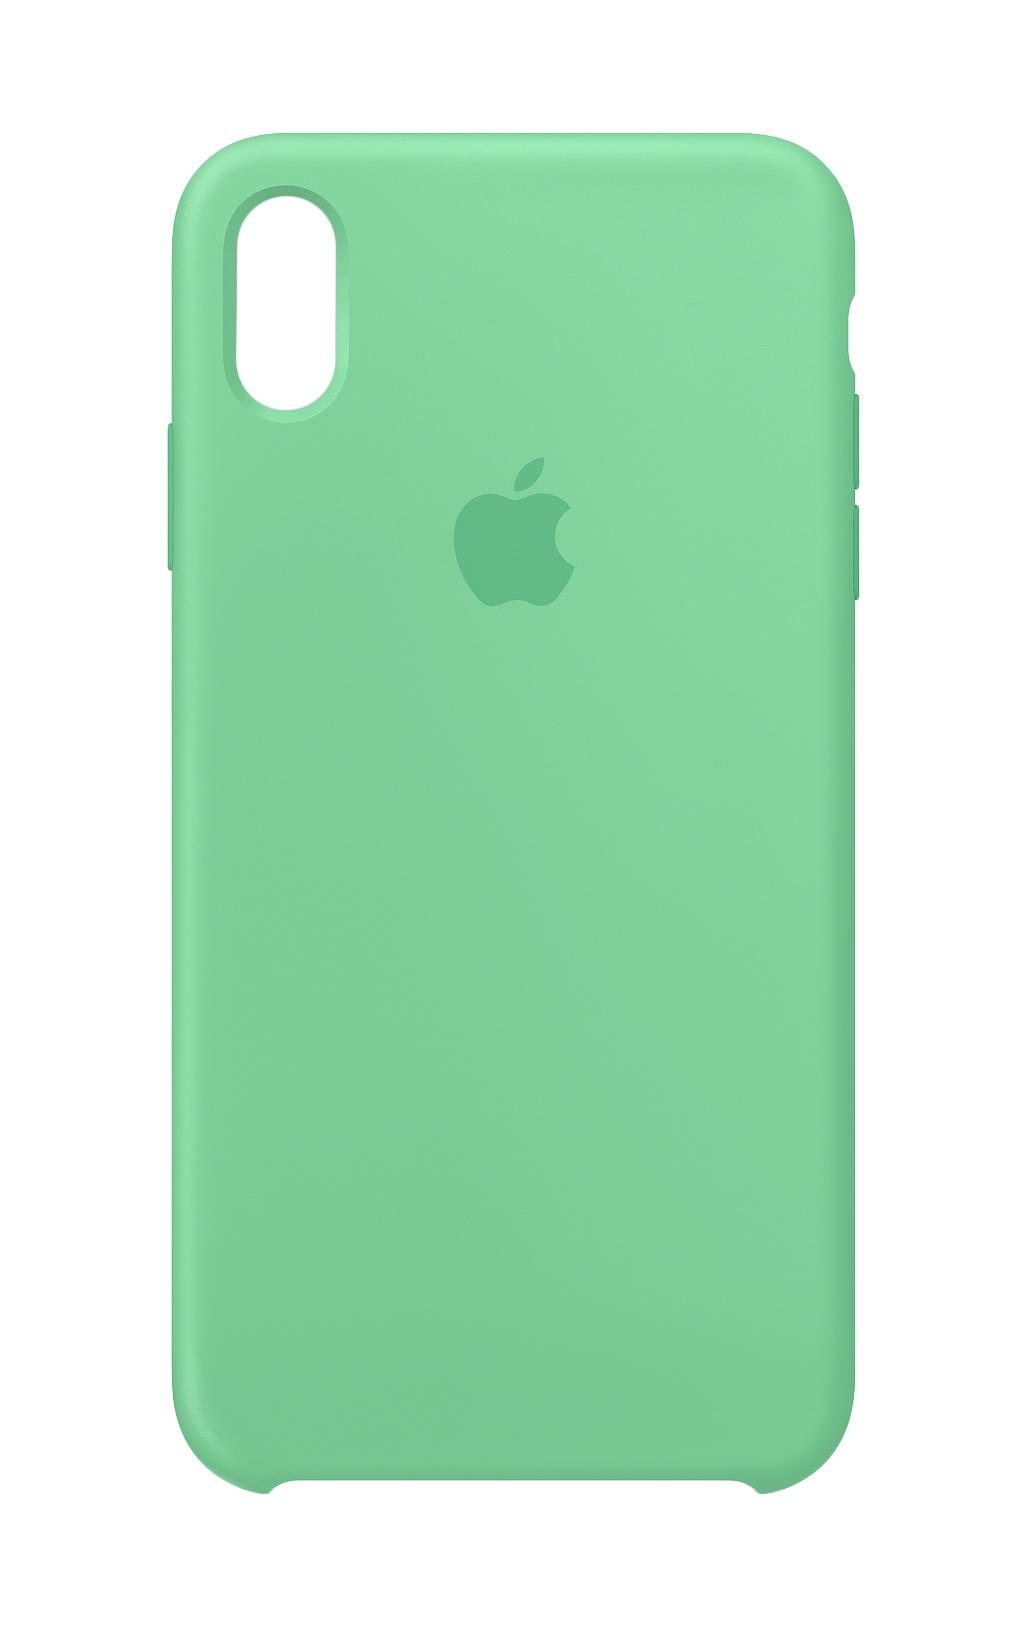 Apple MVF82ZM/A funda para teléfono móvil